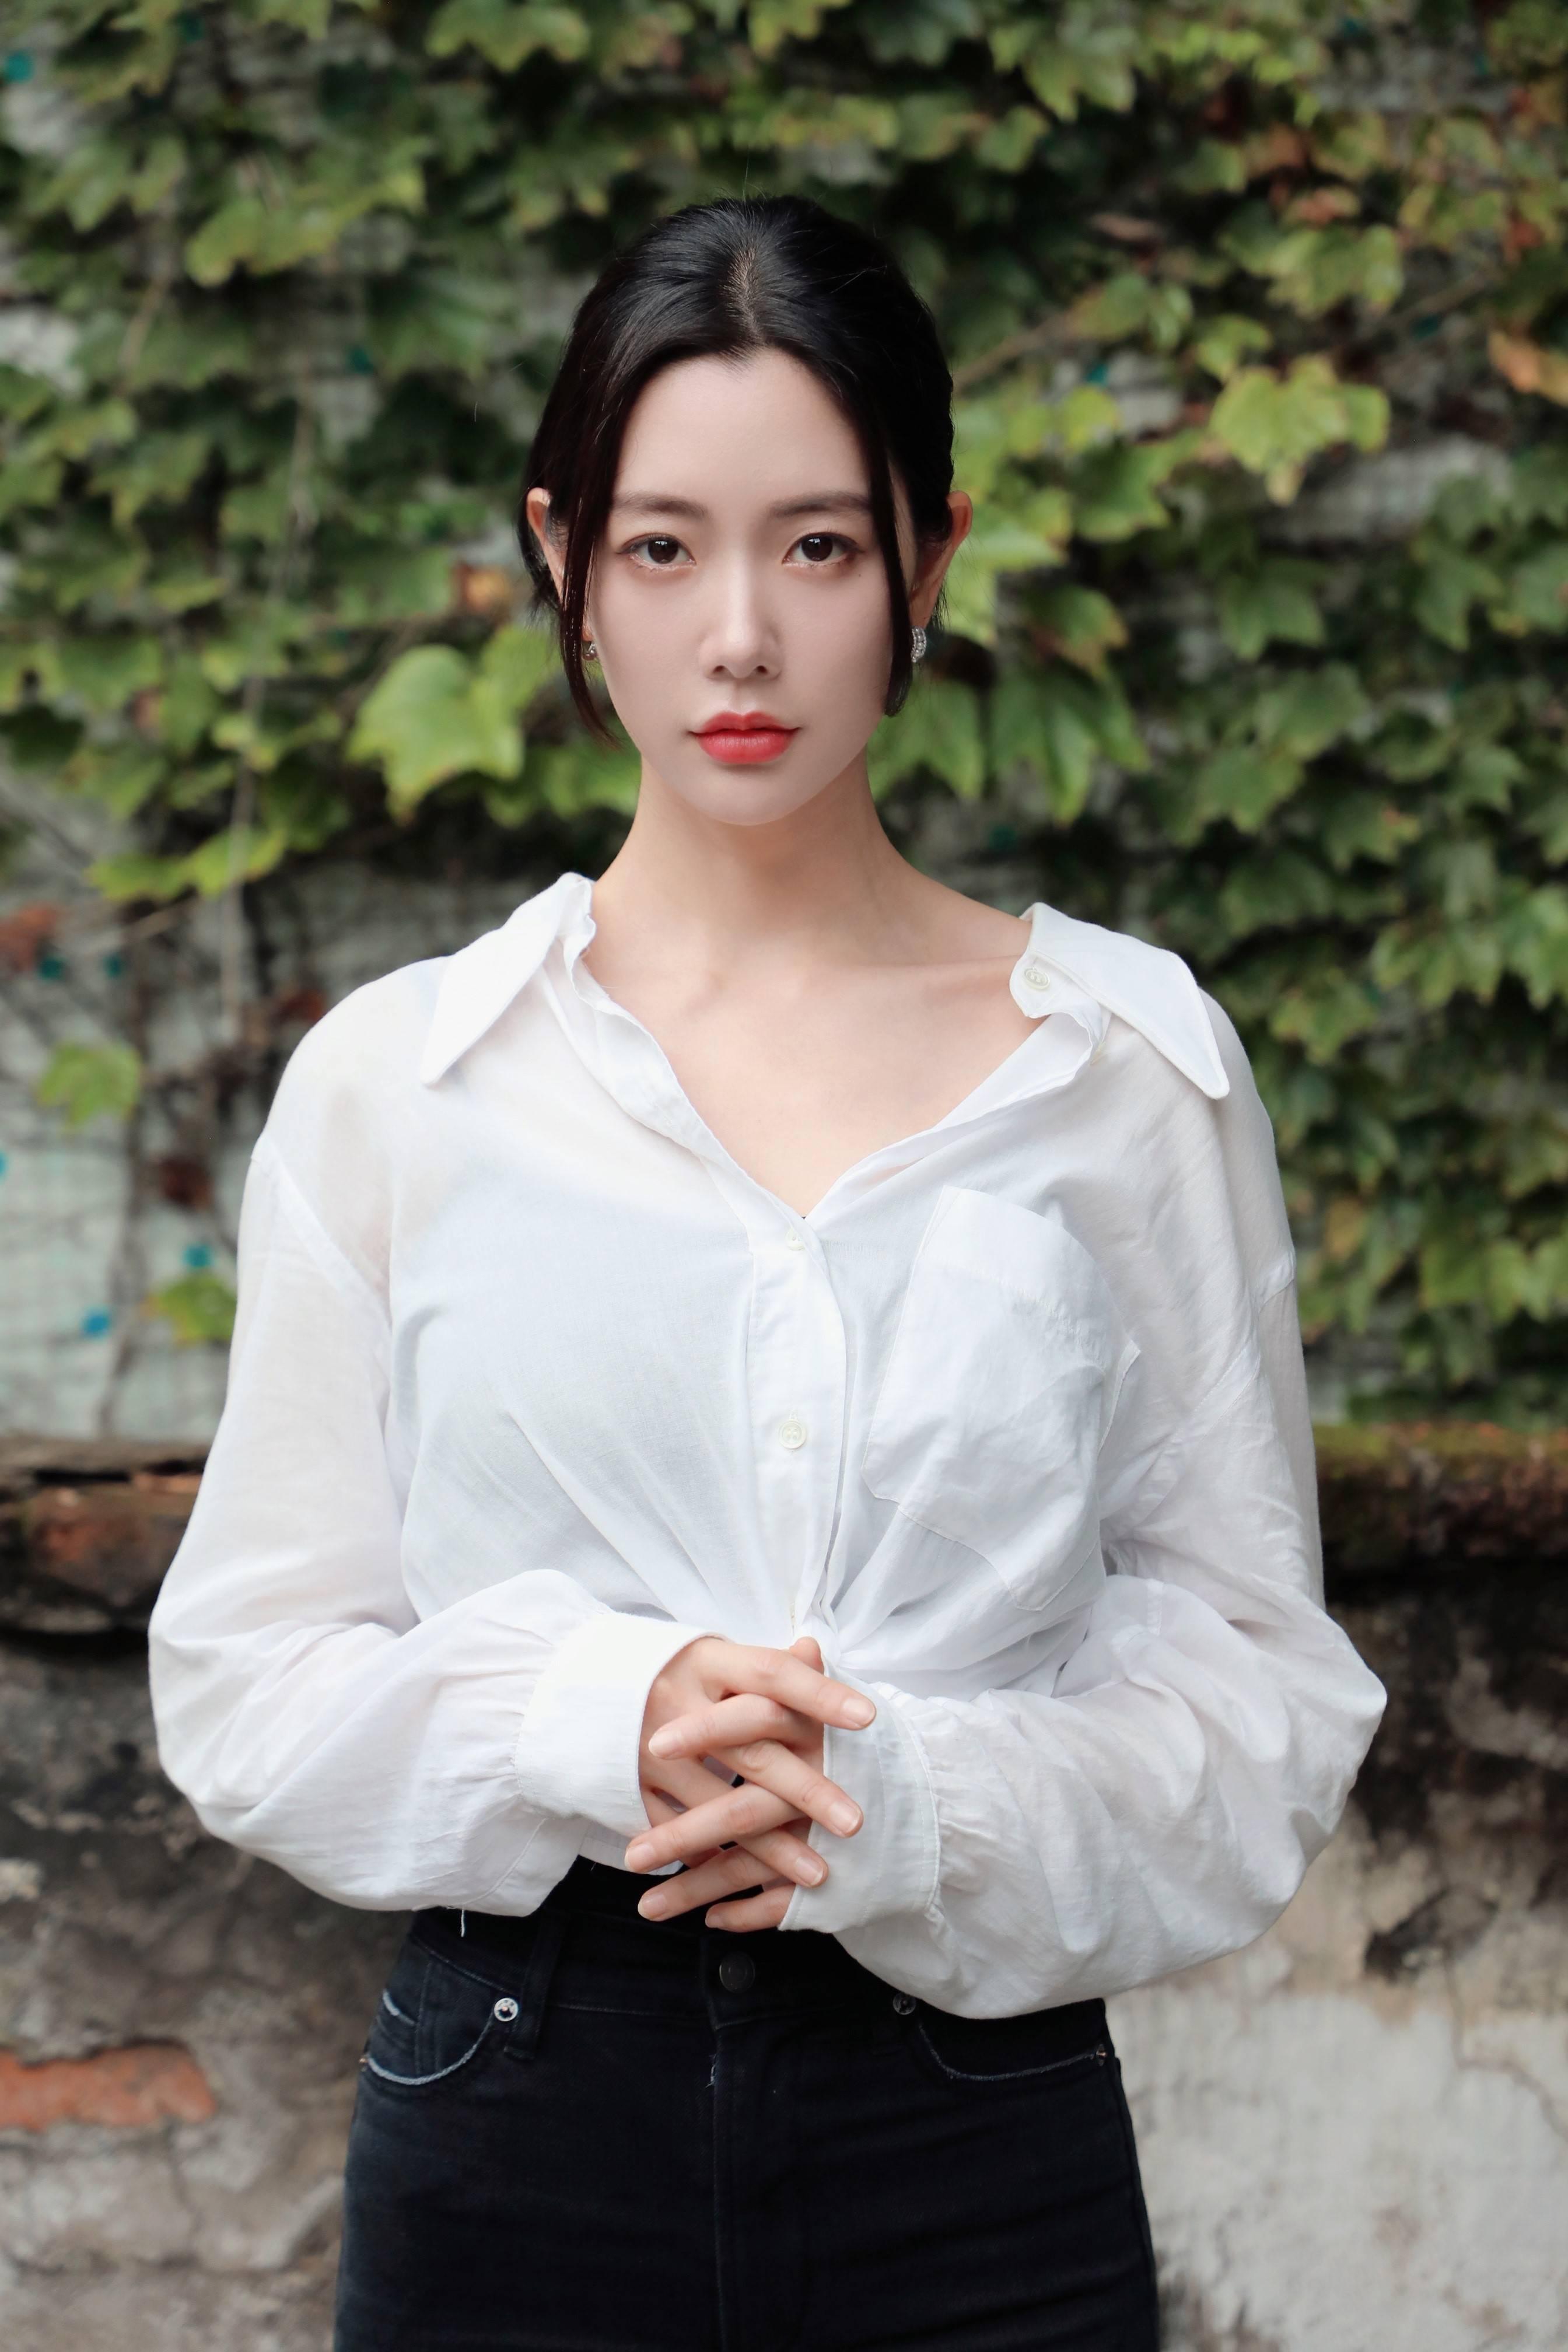 克拉拉新作品《深爱》七夕上映,独立洒脱实力诠释职场女性